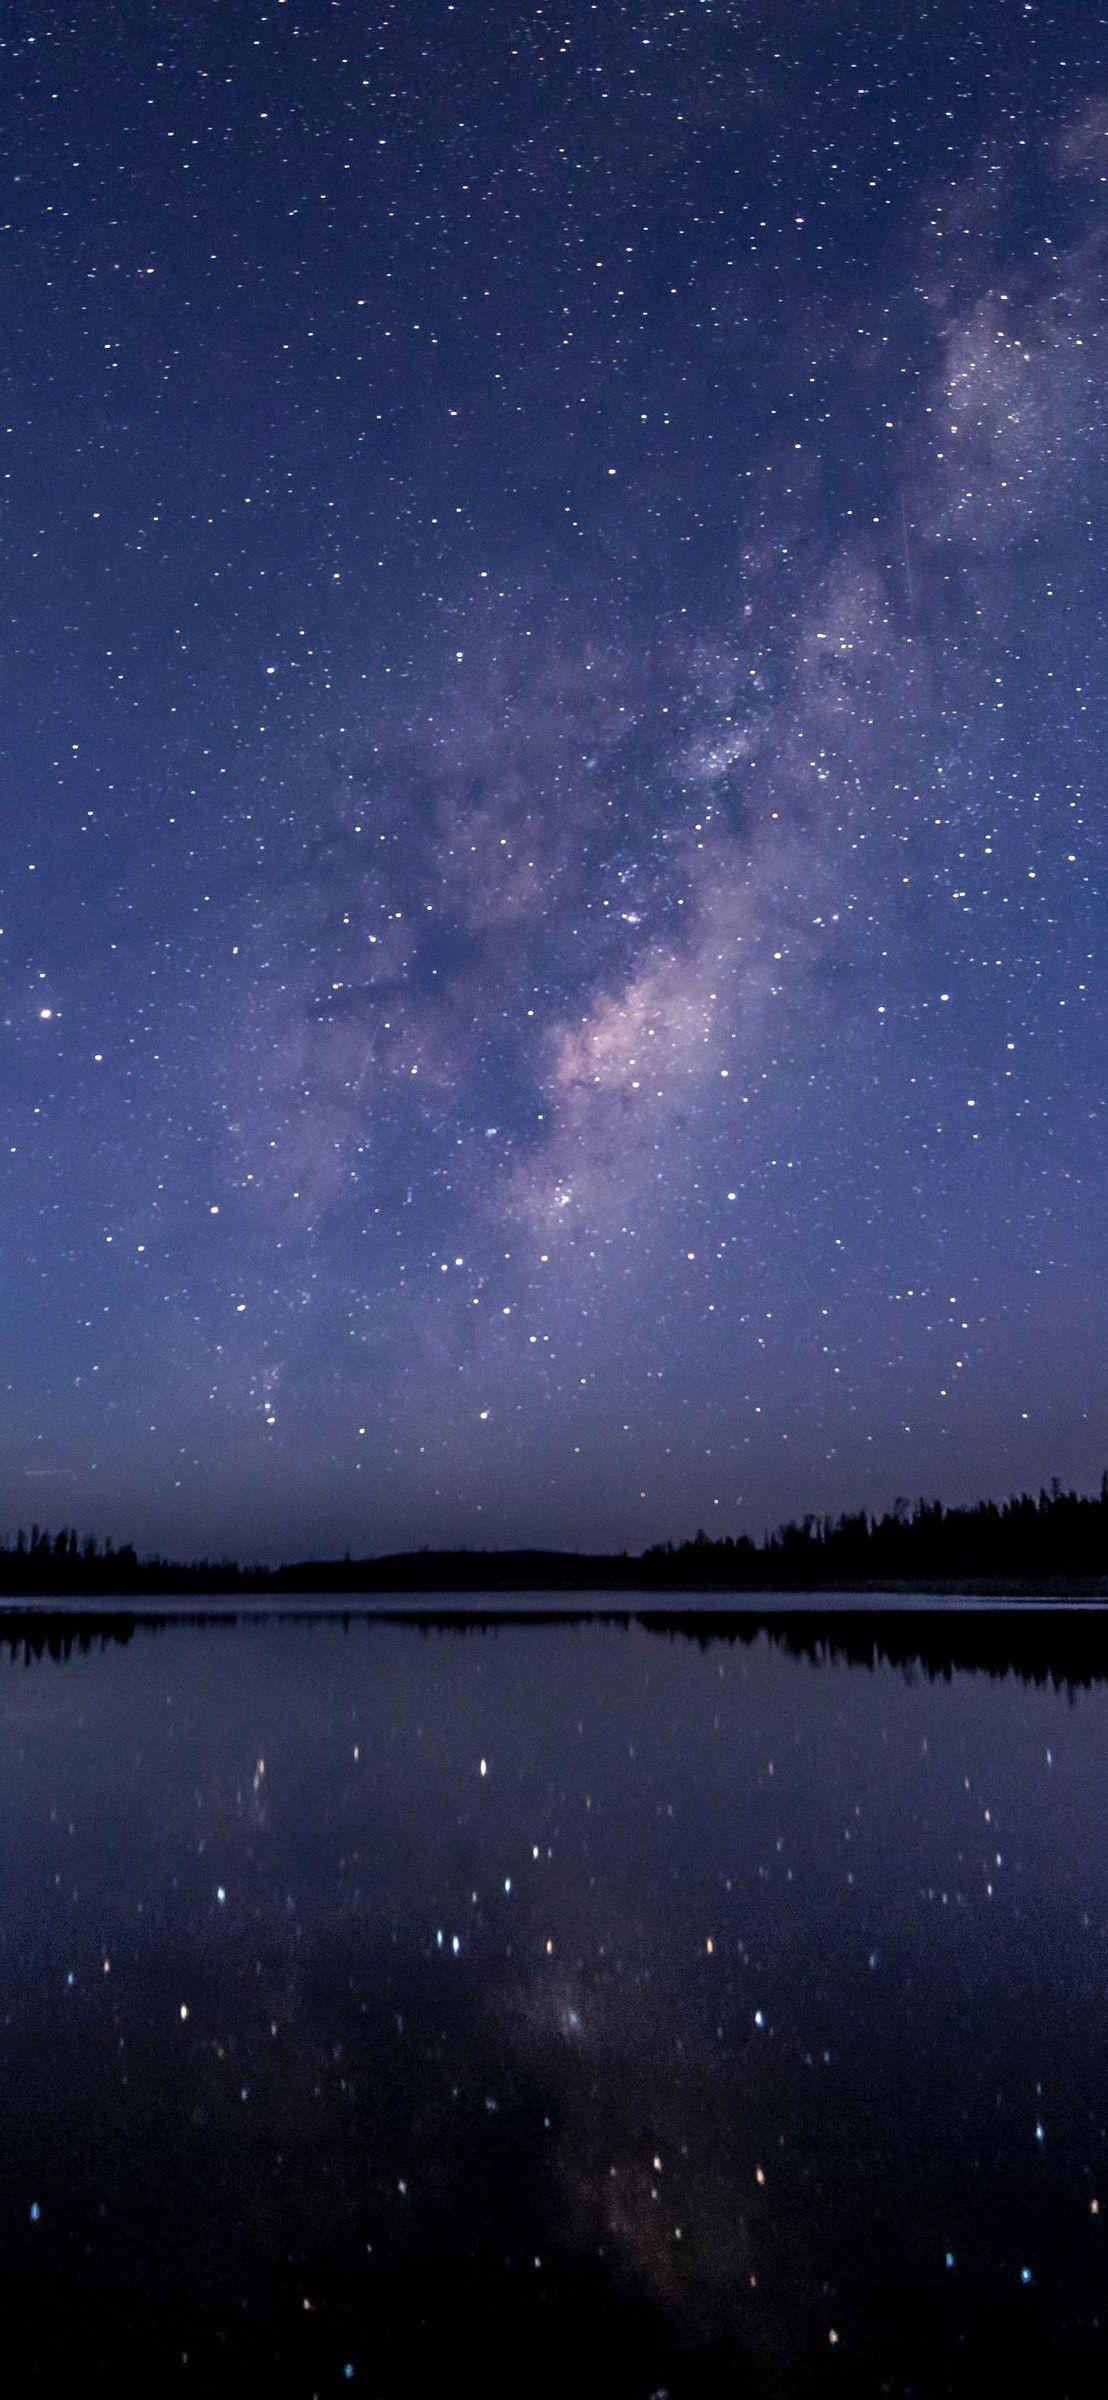 Звездное небо обои на айфон 6 008